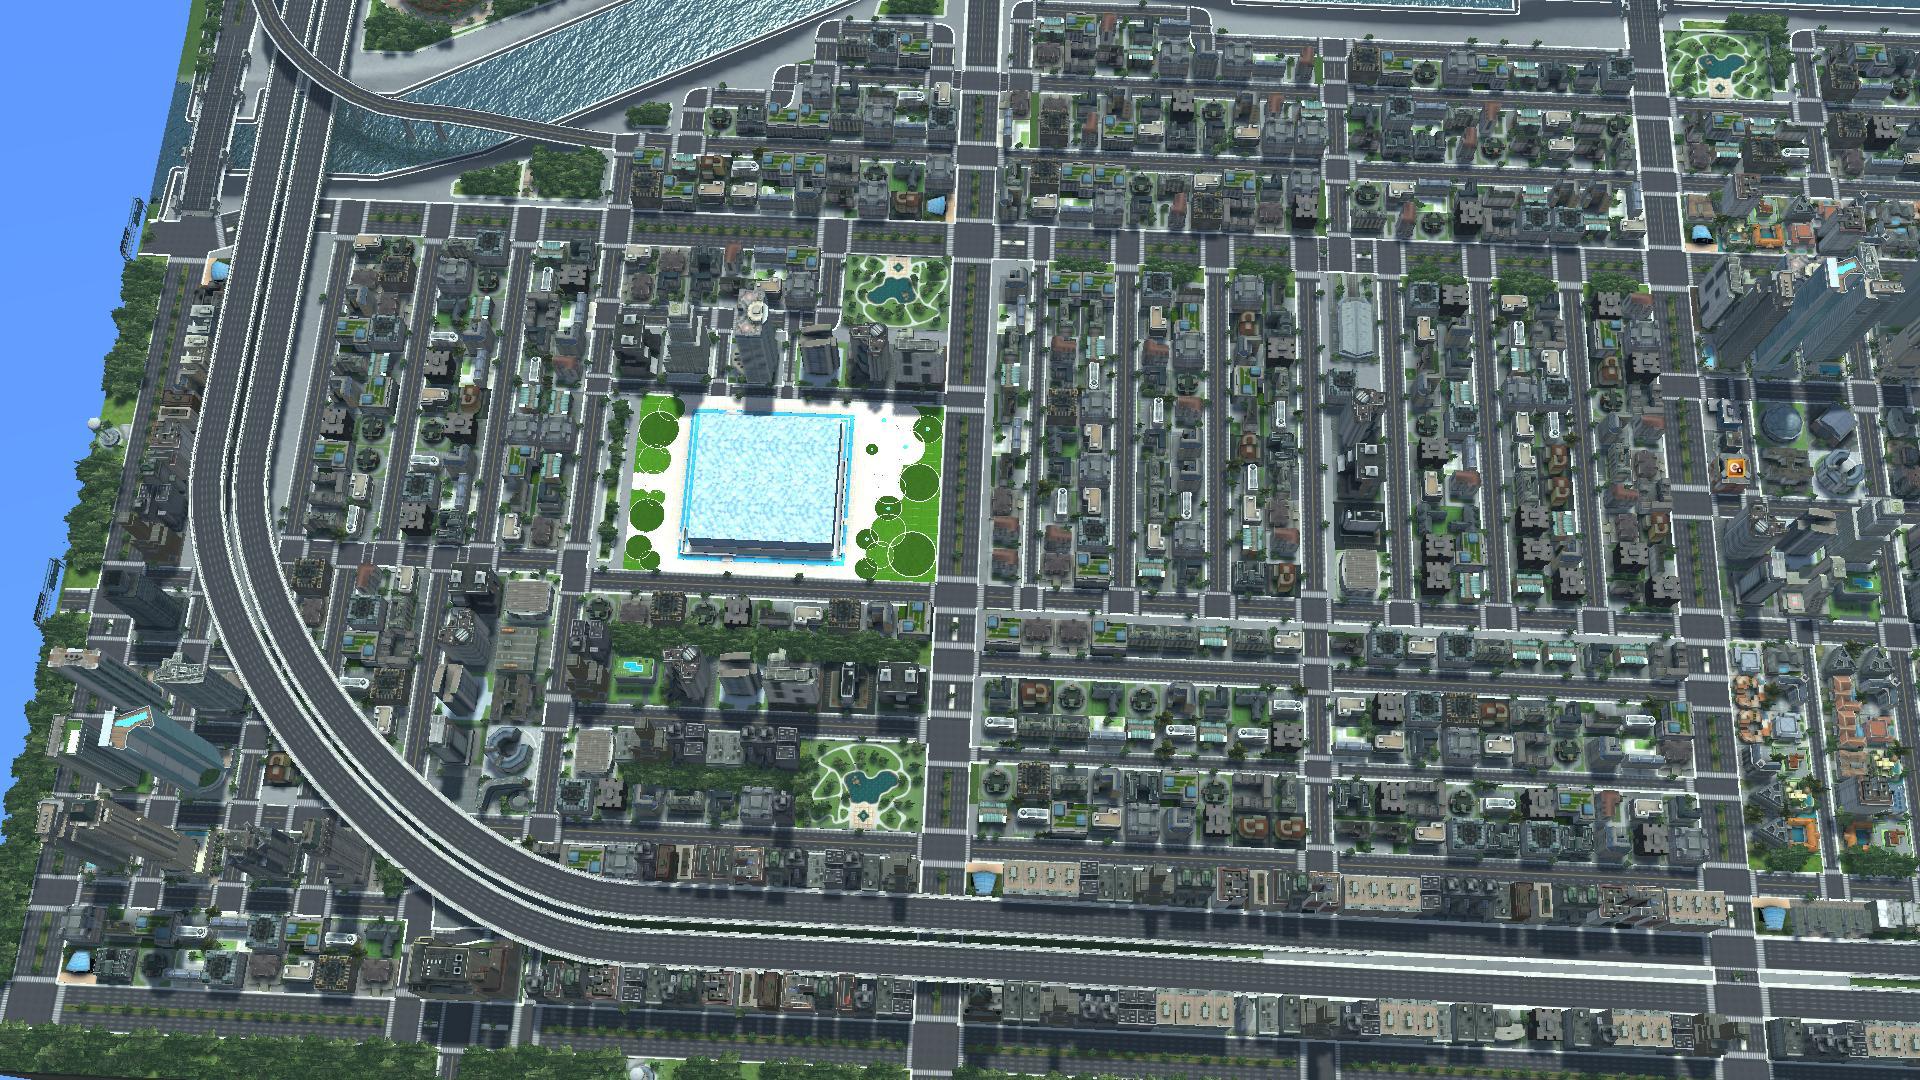 CitiesXL_2012 2014-11-06 16-54-16-11.jpg